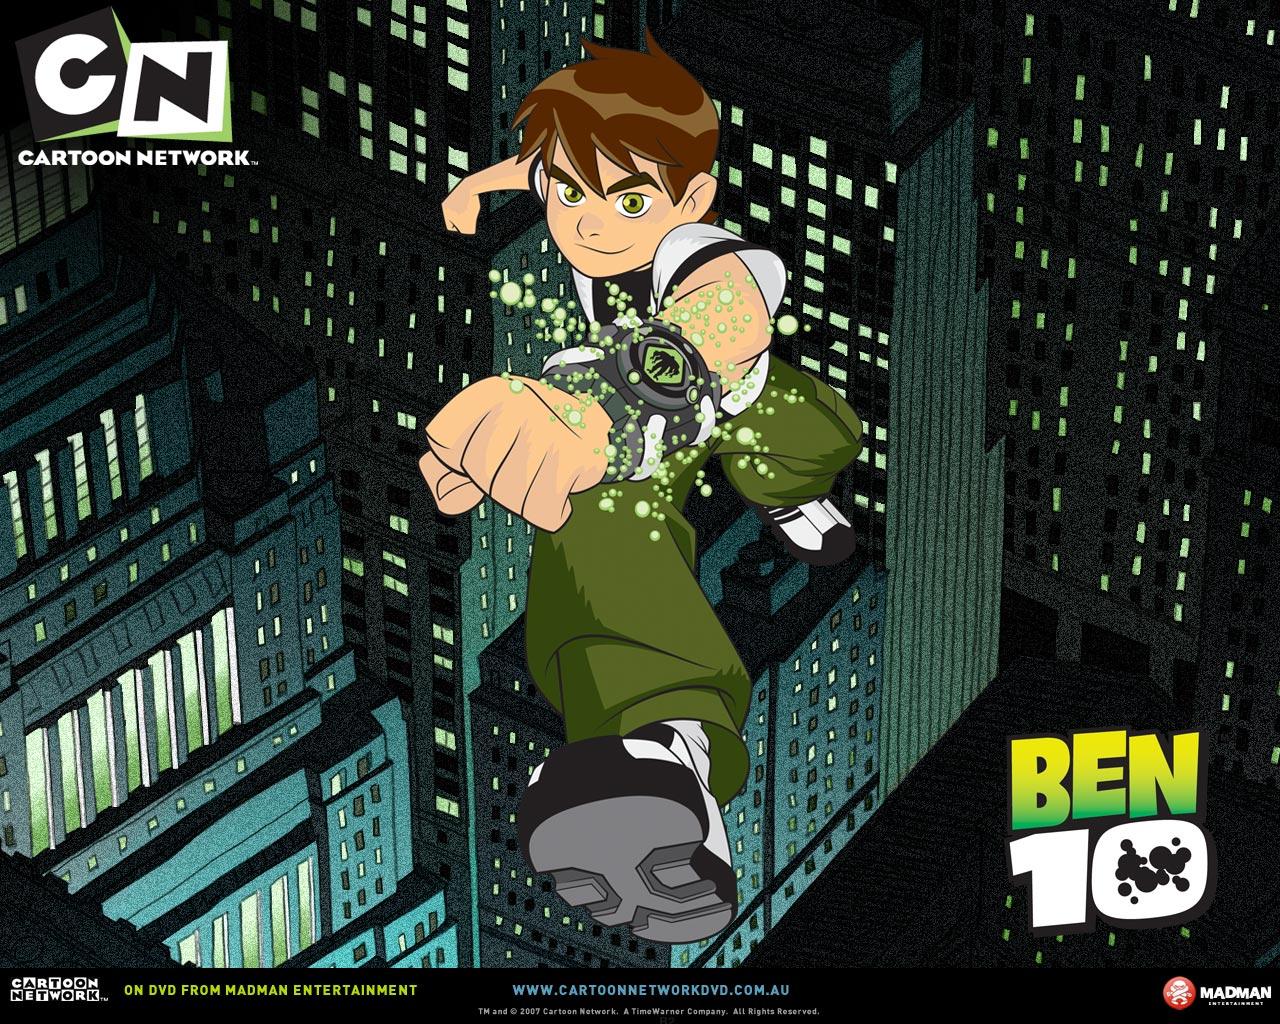 Benjamin Saga: Ben 10 Images